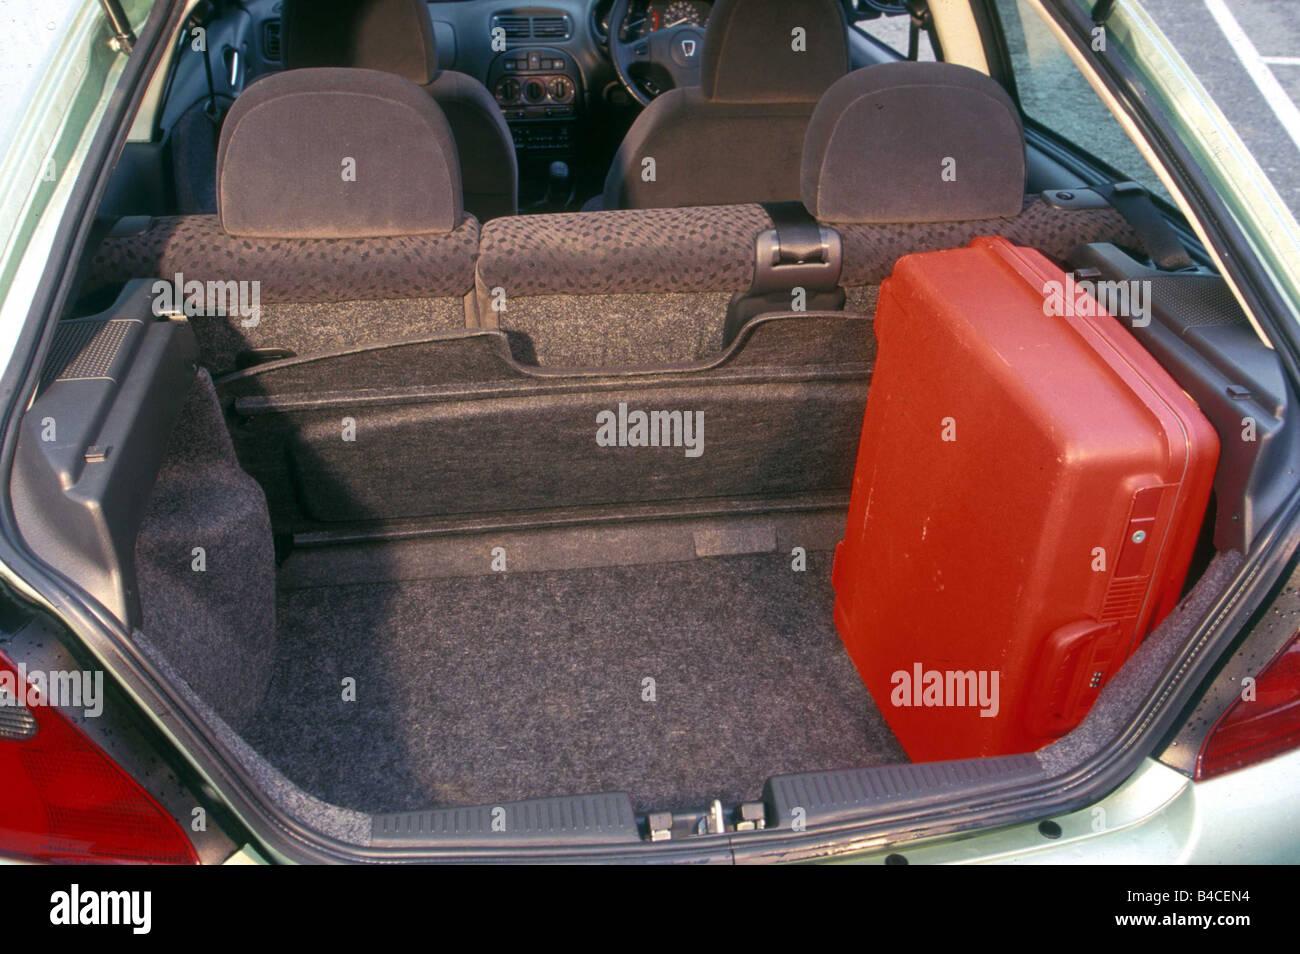 Auto, Rover 25 2.0 iDT, Limousine, piccolo circa, modello anno 2000-, luce verde-metallico, vista in boot, tecnica/accessorio, Immagini Stock